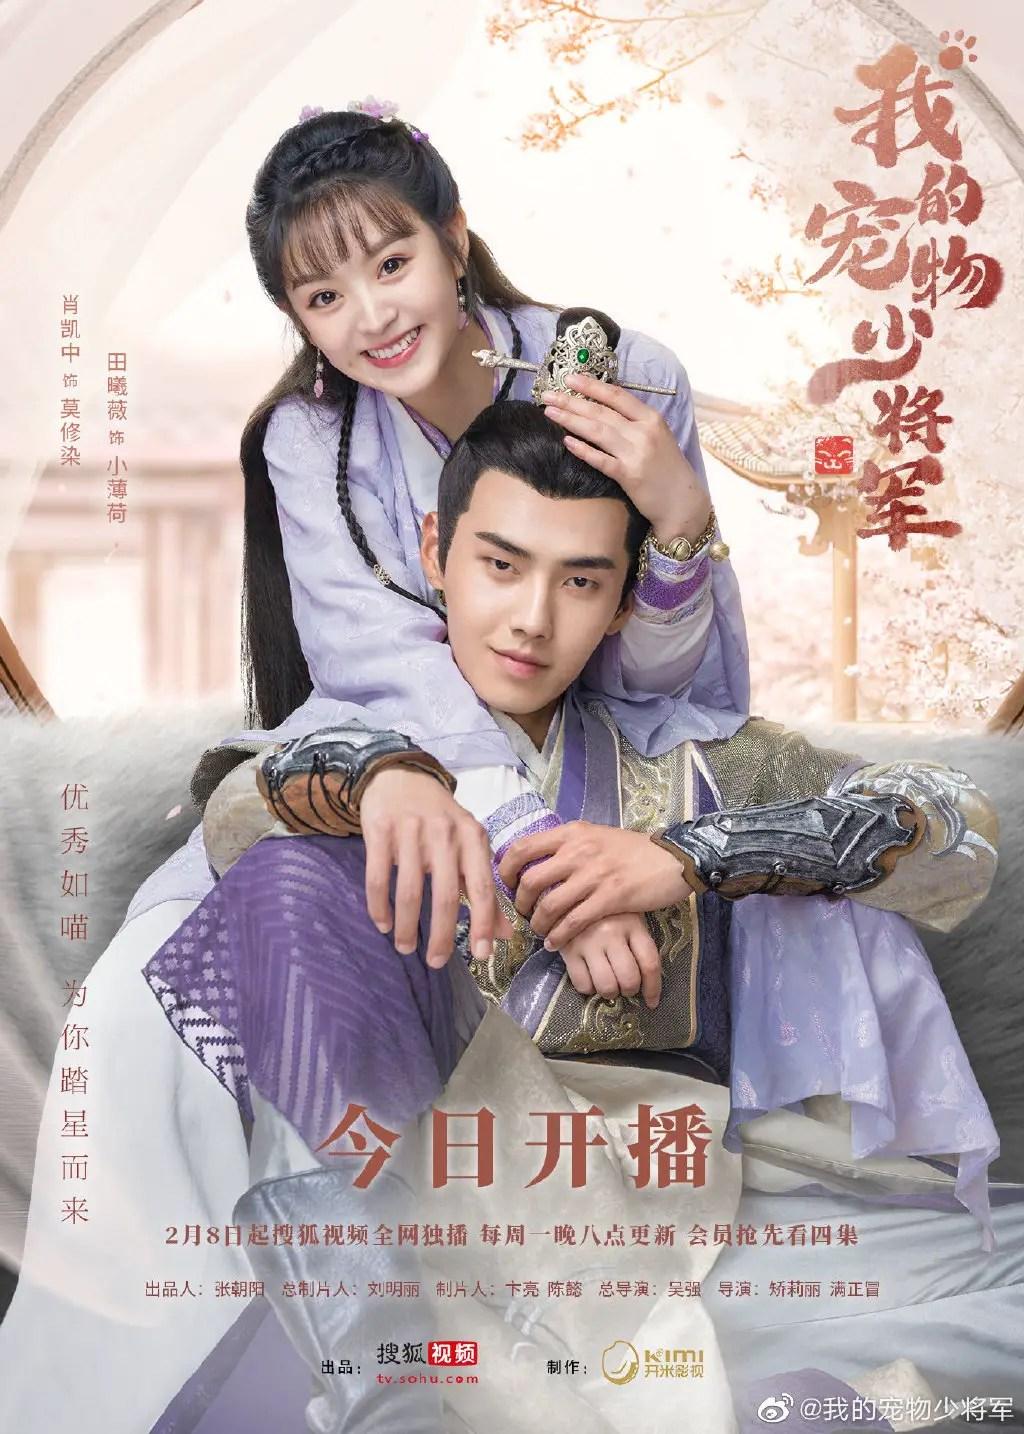 Be My Cat Chinese Drama - C-Drama Love - Show Summary